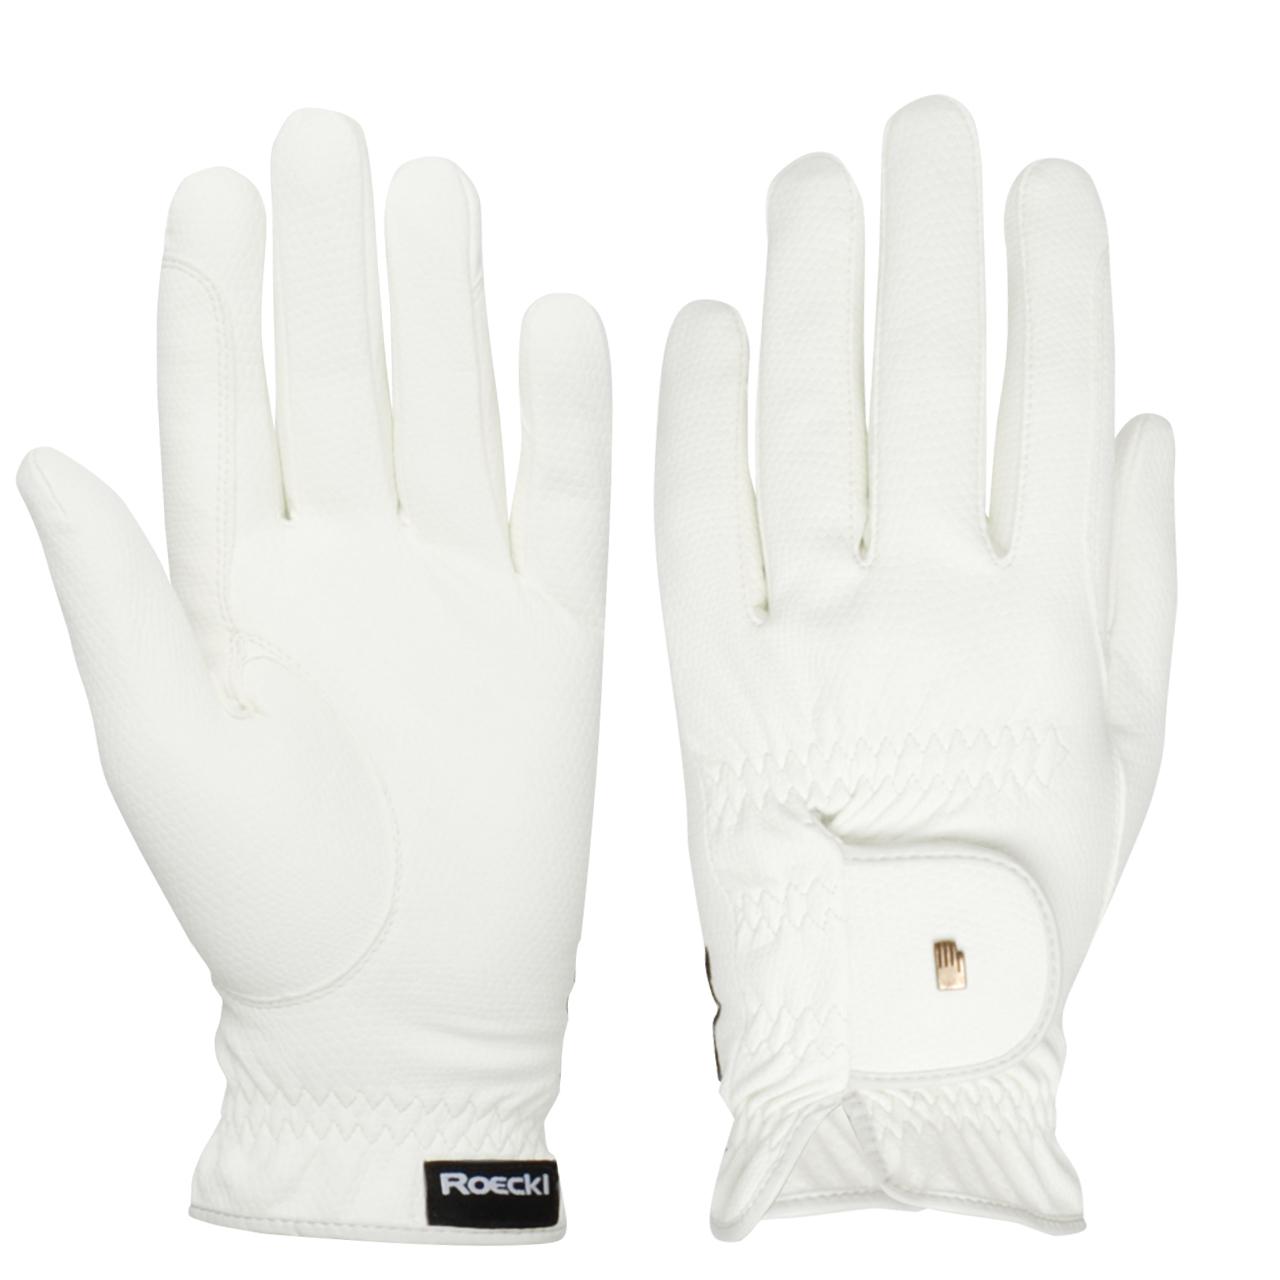 Roeckl Roeck grip Handschoen wit maat:6,5 ms